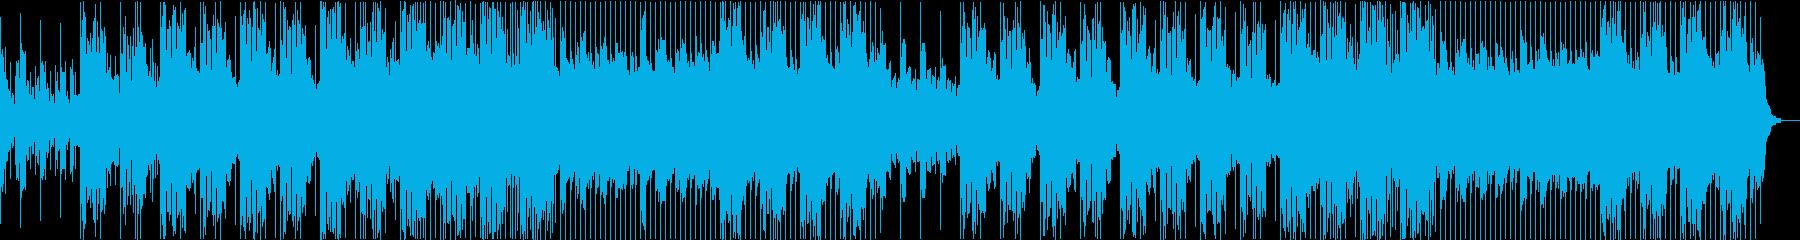 静かでノリのいいトロピカルハウス の再生済みの波形